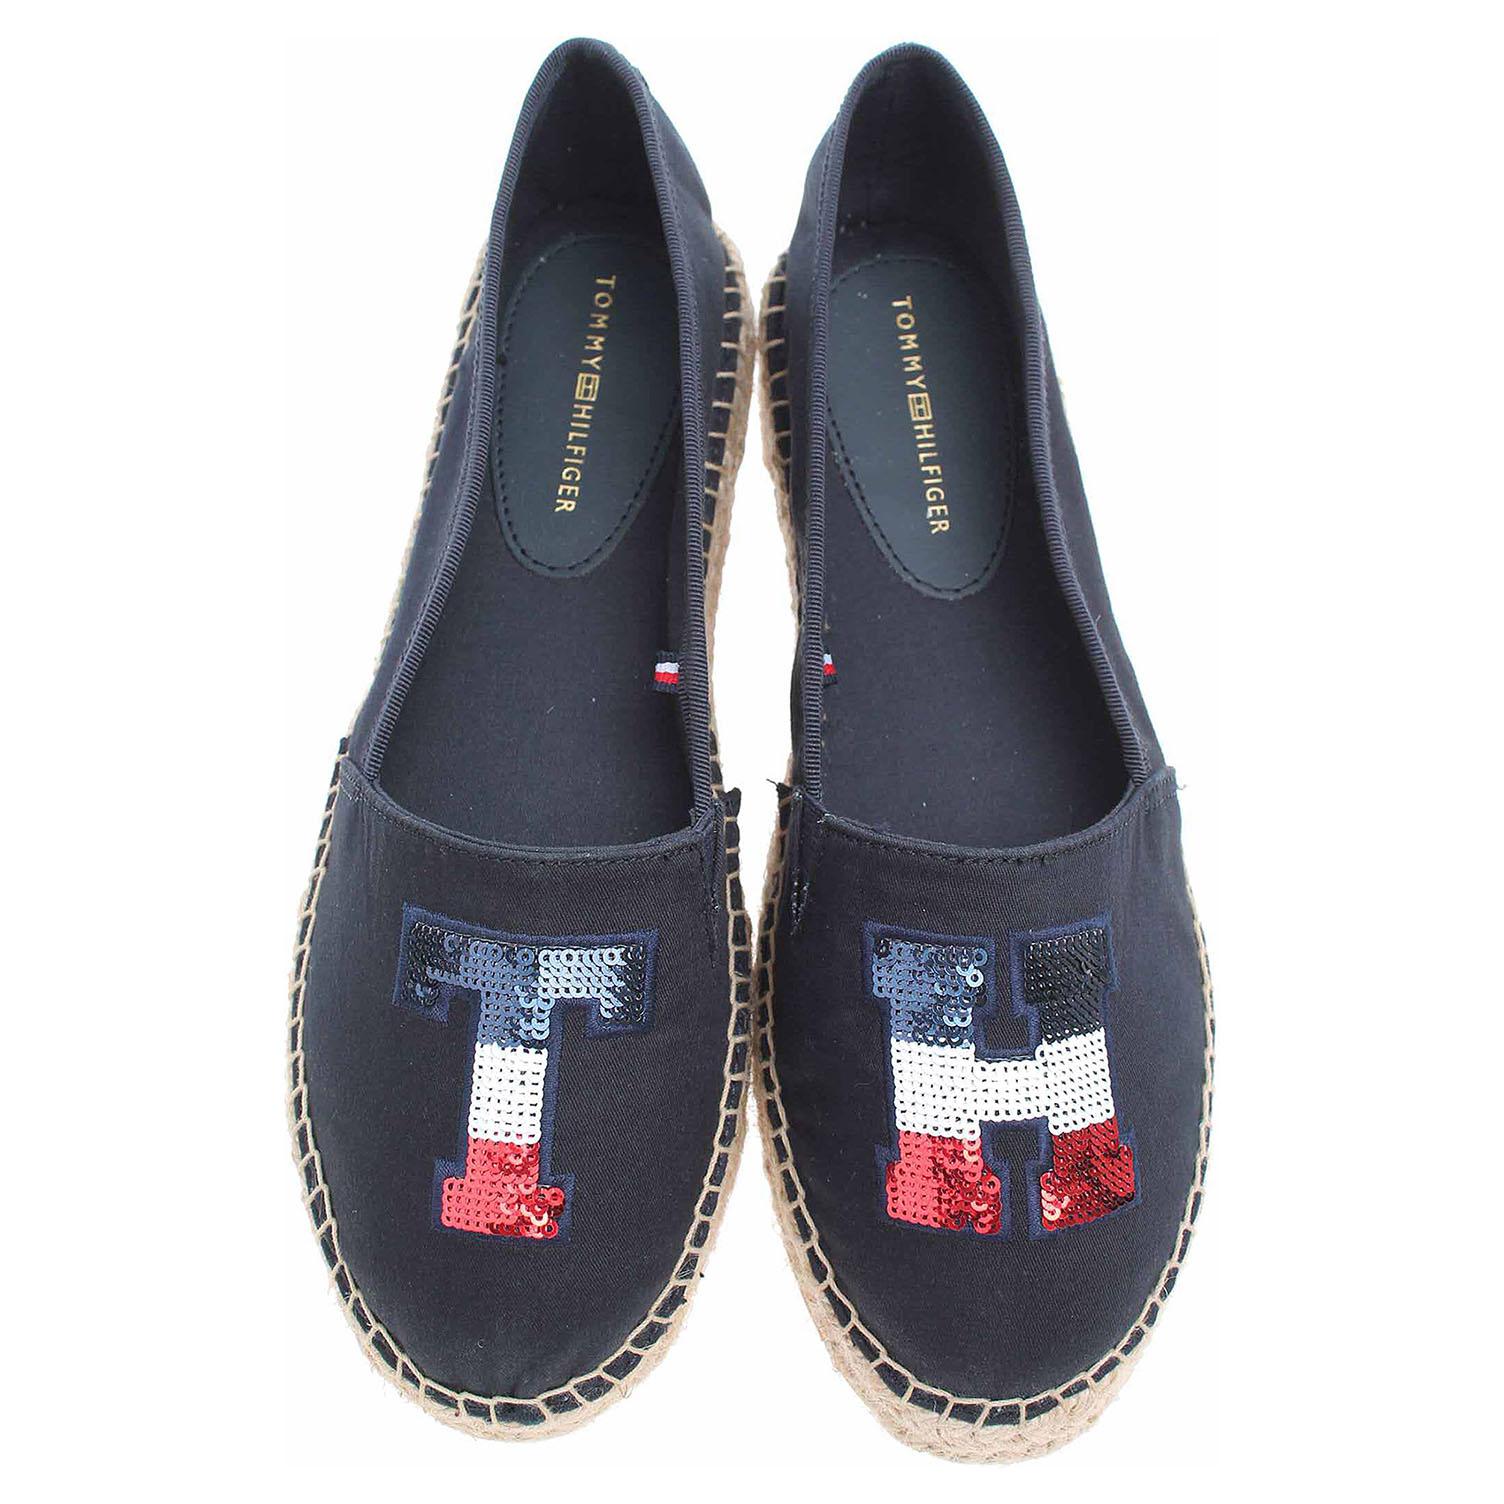 Ecco Tommy Hilfiger dámská obuv FW0FW02412 403 midnight 23200773 b757b9297bf